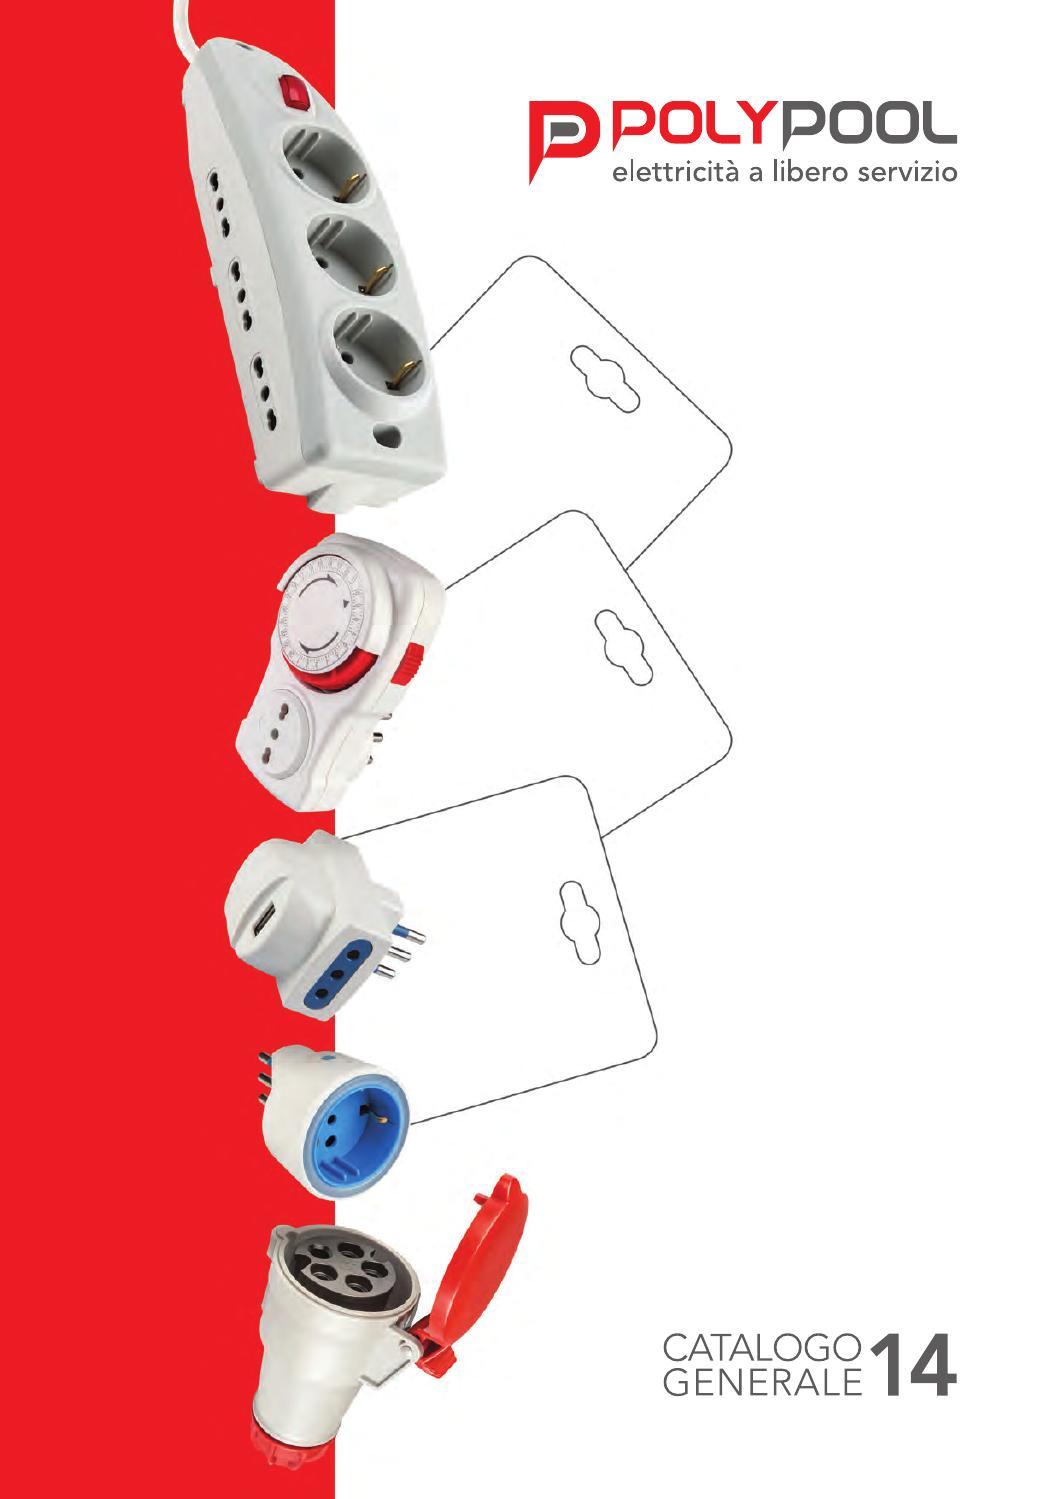 50 x 13 Amp Fusibili Fusibile interno per la casa elettrodomestici spina fusibili